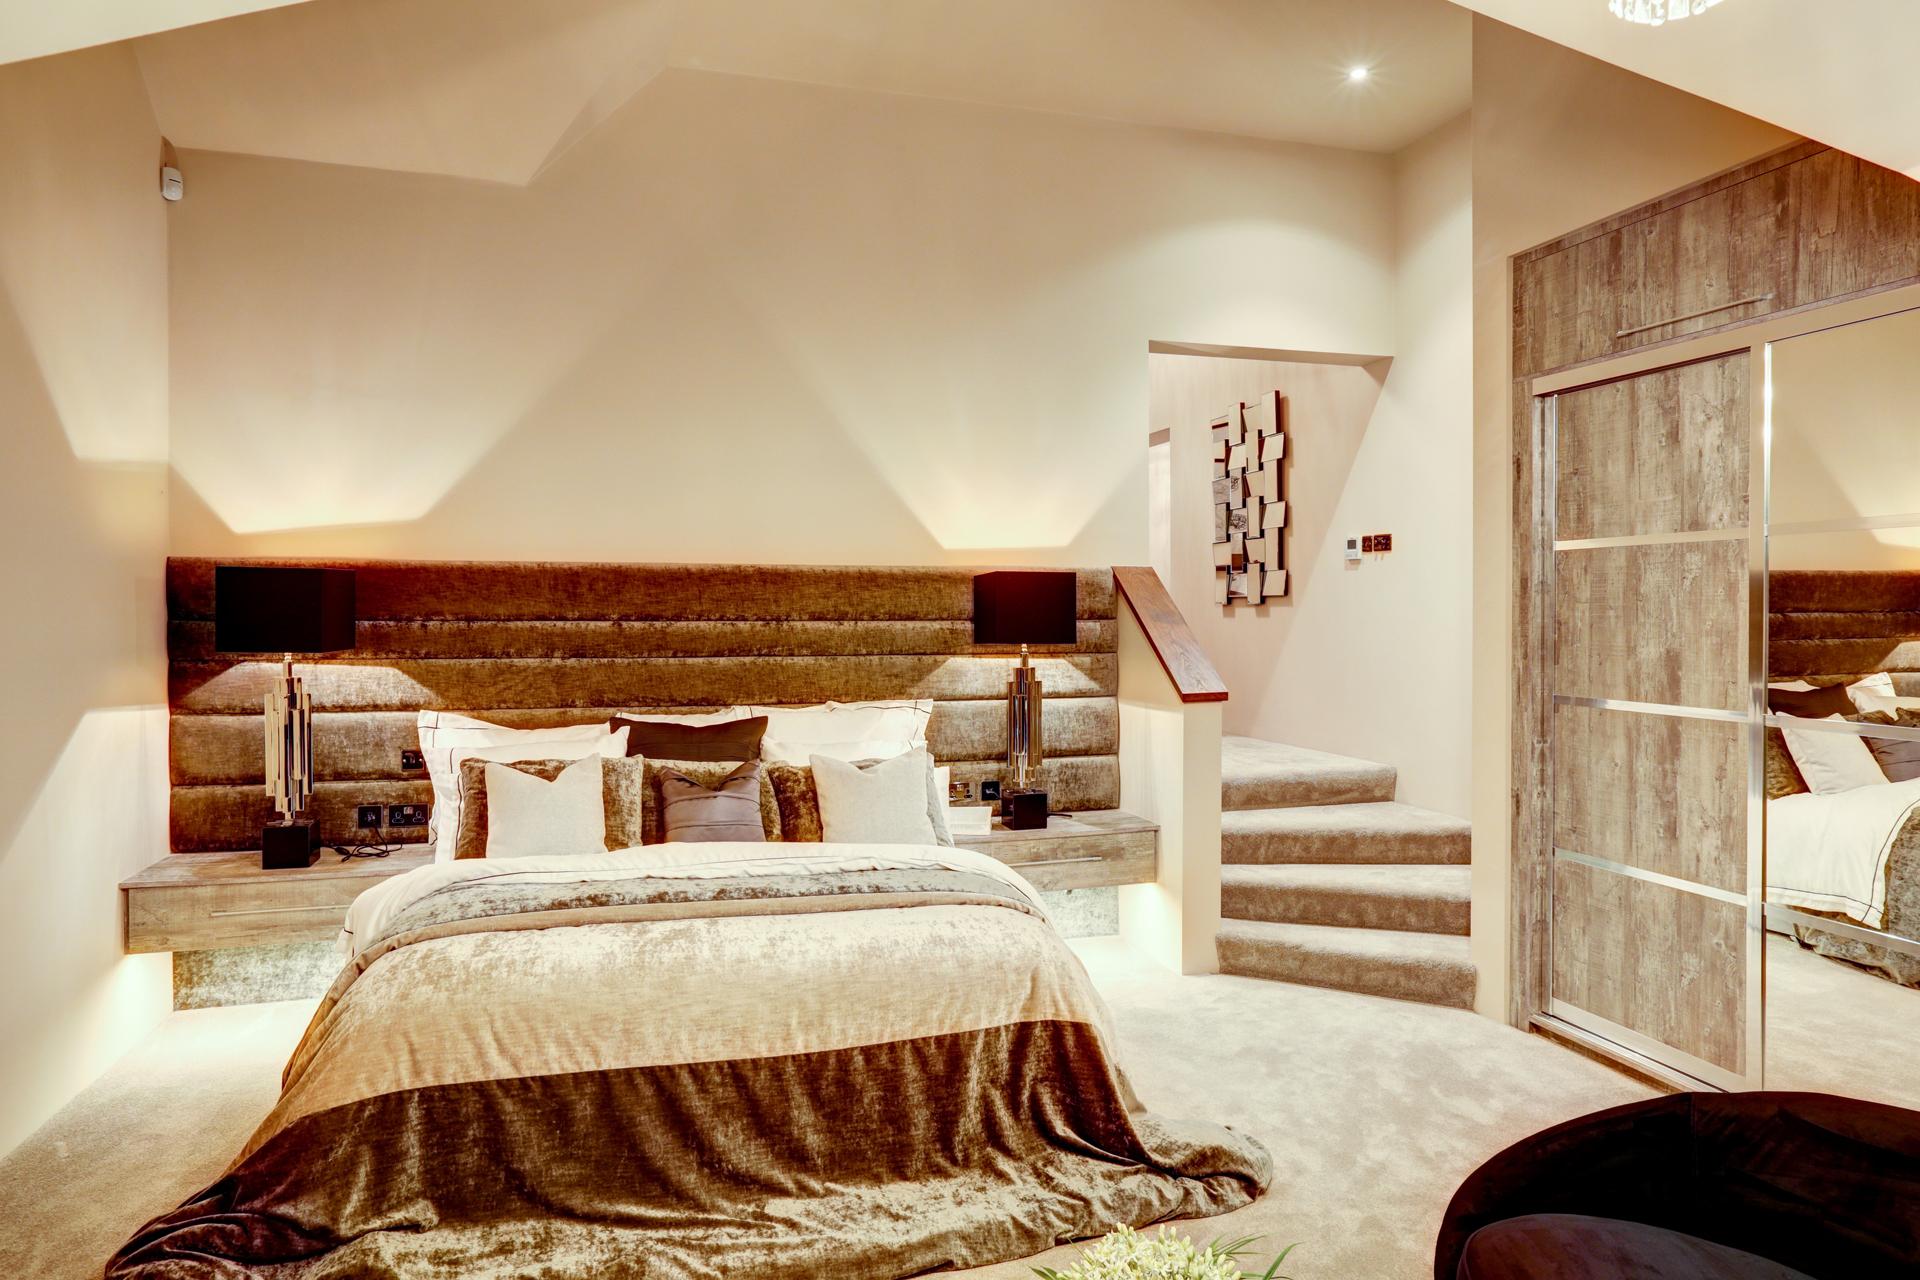 fairmont bedroom